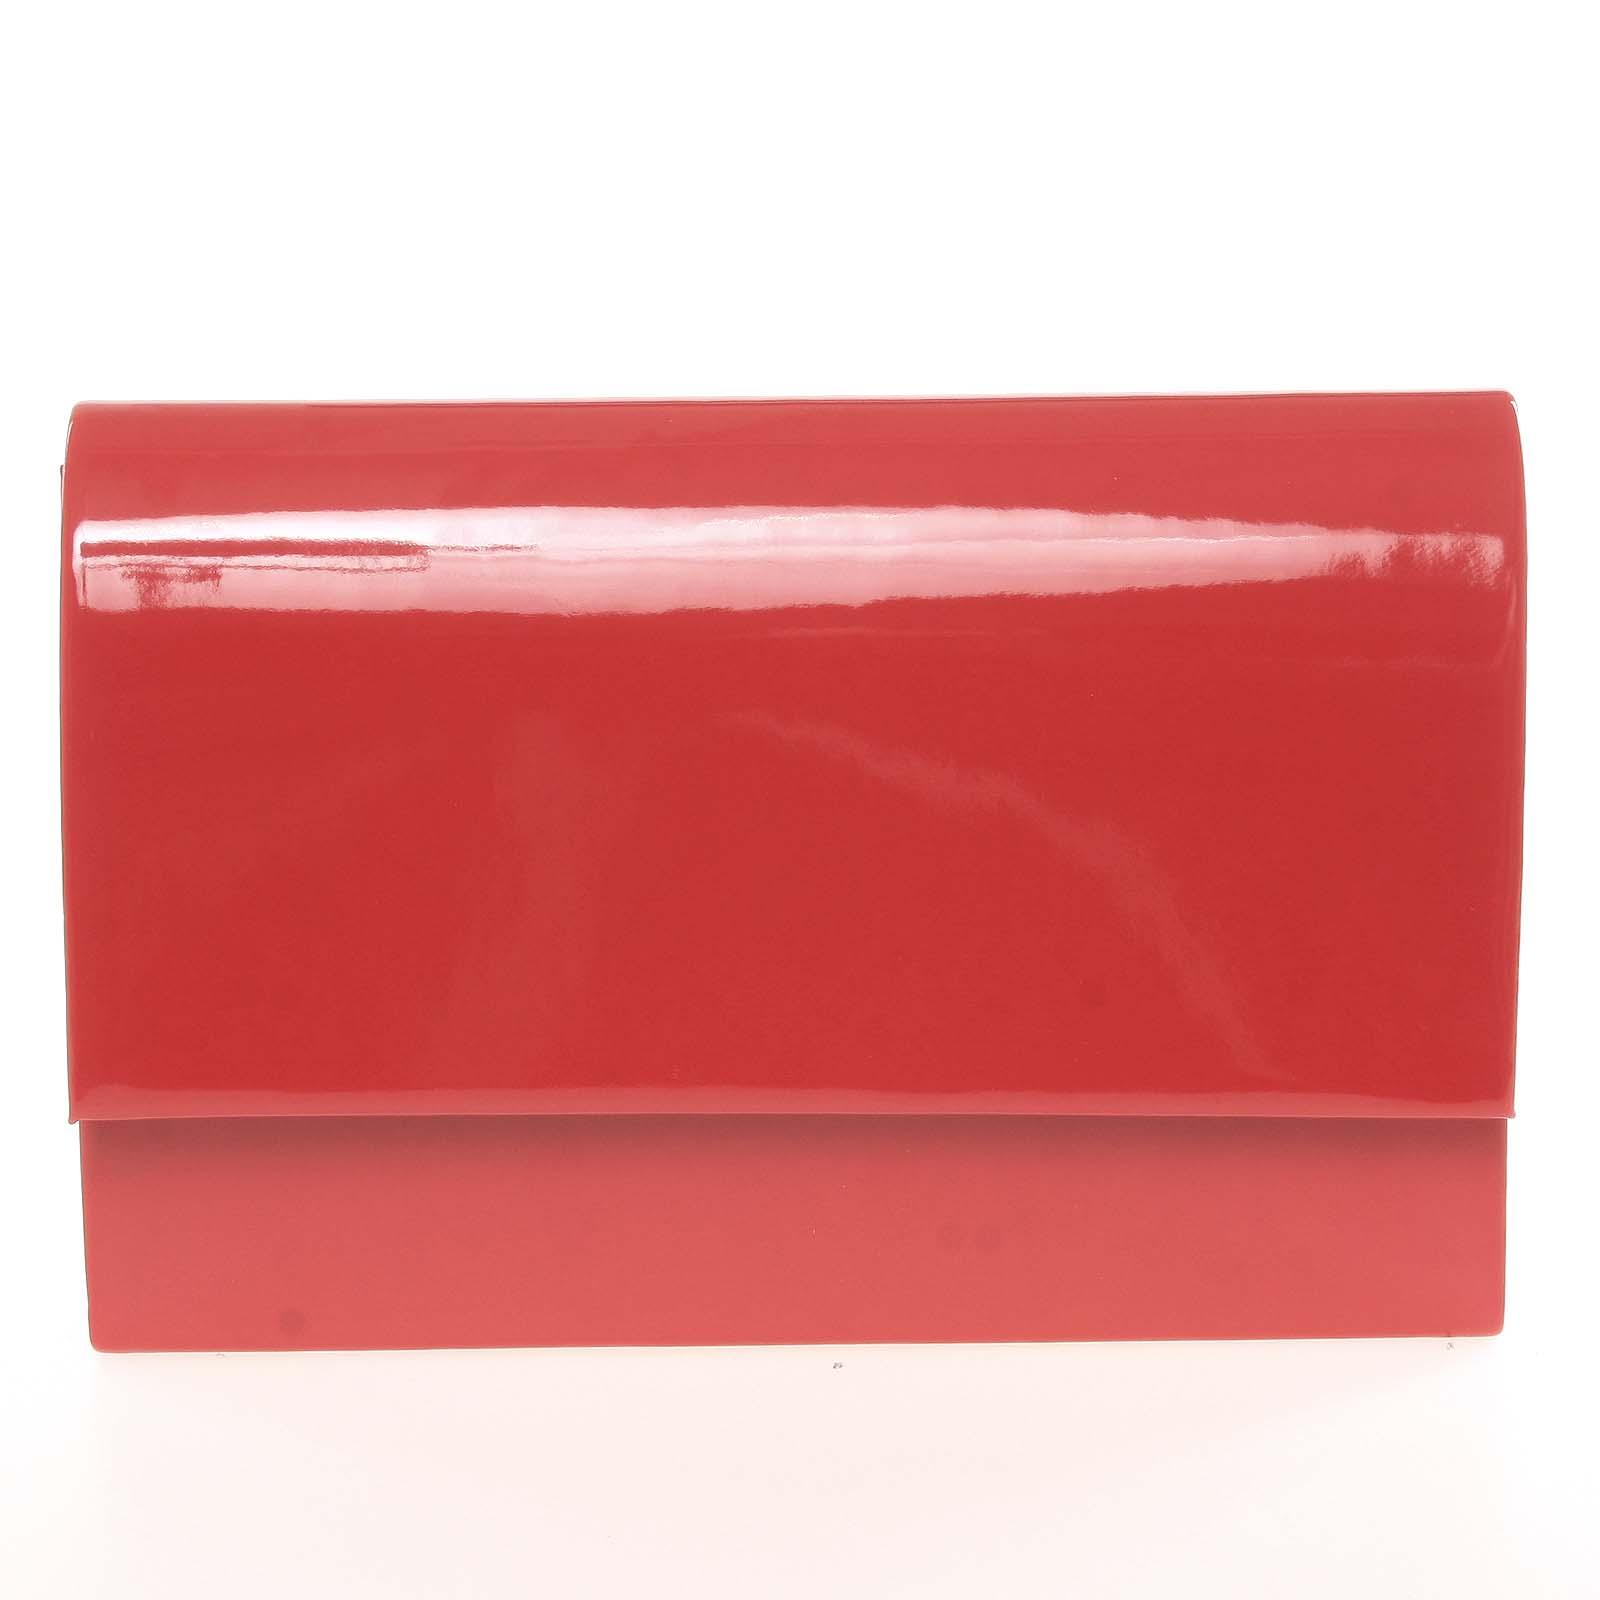 Štýlová dámska listová kabelka červená lesklá - Delami Boston